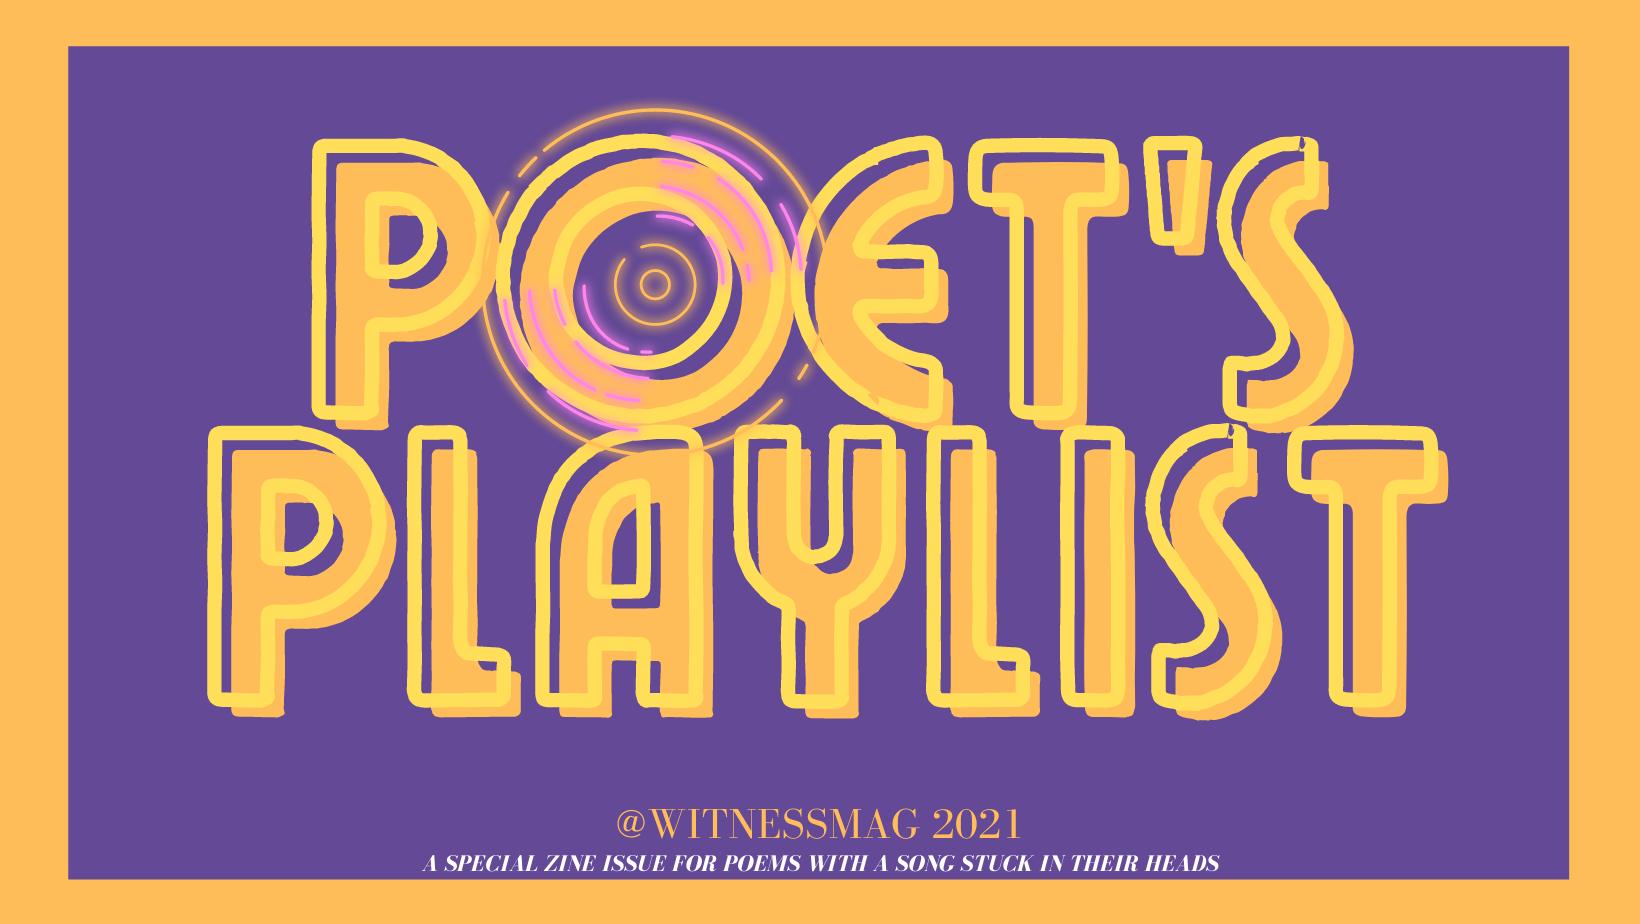 Poet's Playlist